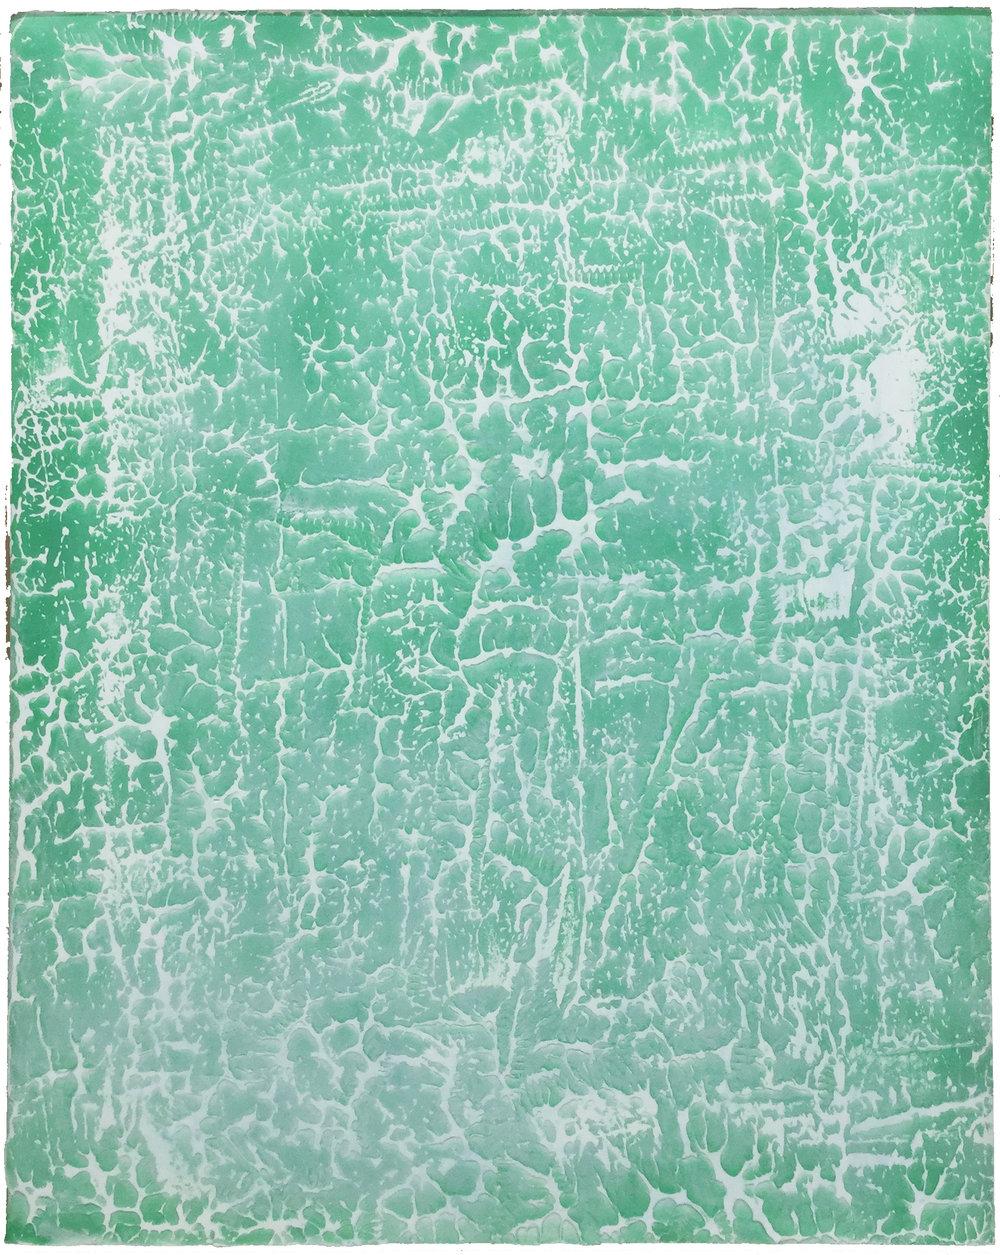 """Pierre Julien,  Ronchamp 03 , 2017, plâtre, acrylique et peinture aérosol sur gypse, 30"""" x 24"""" (76 x 61 cm)"""